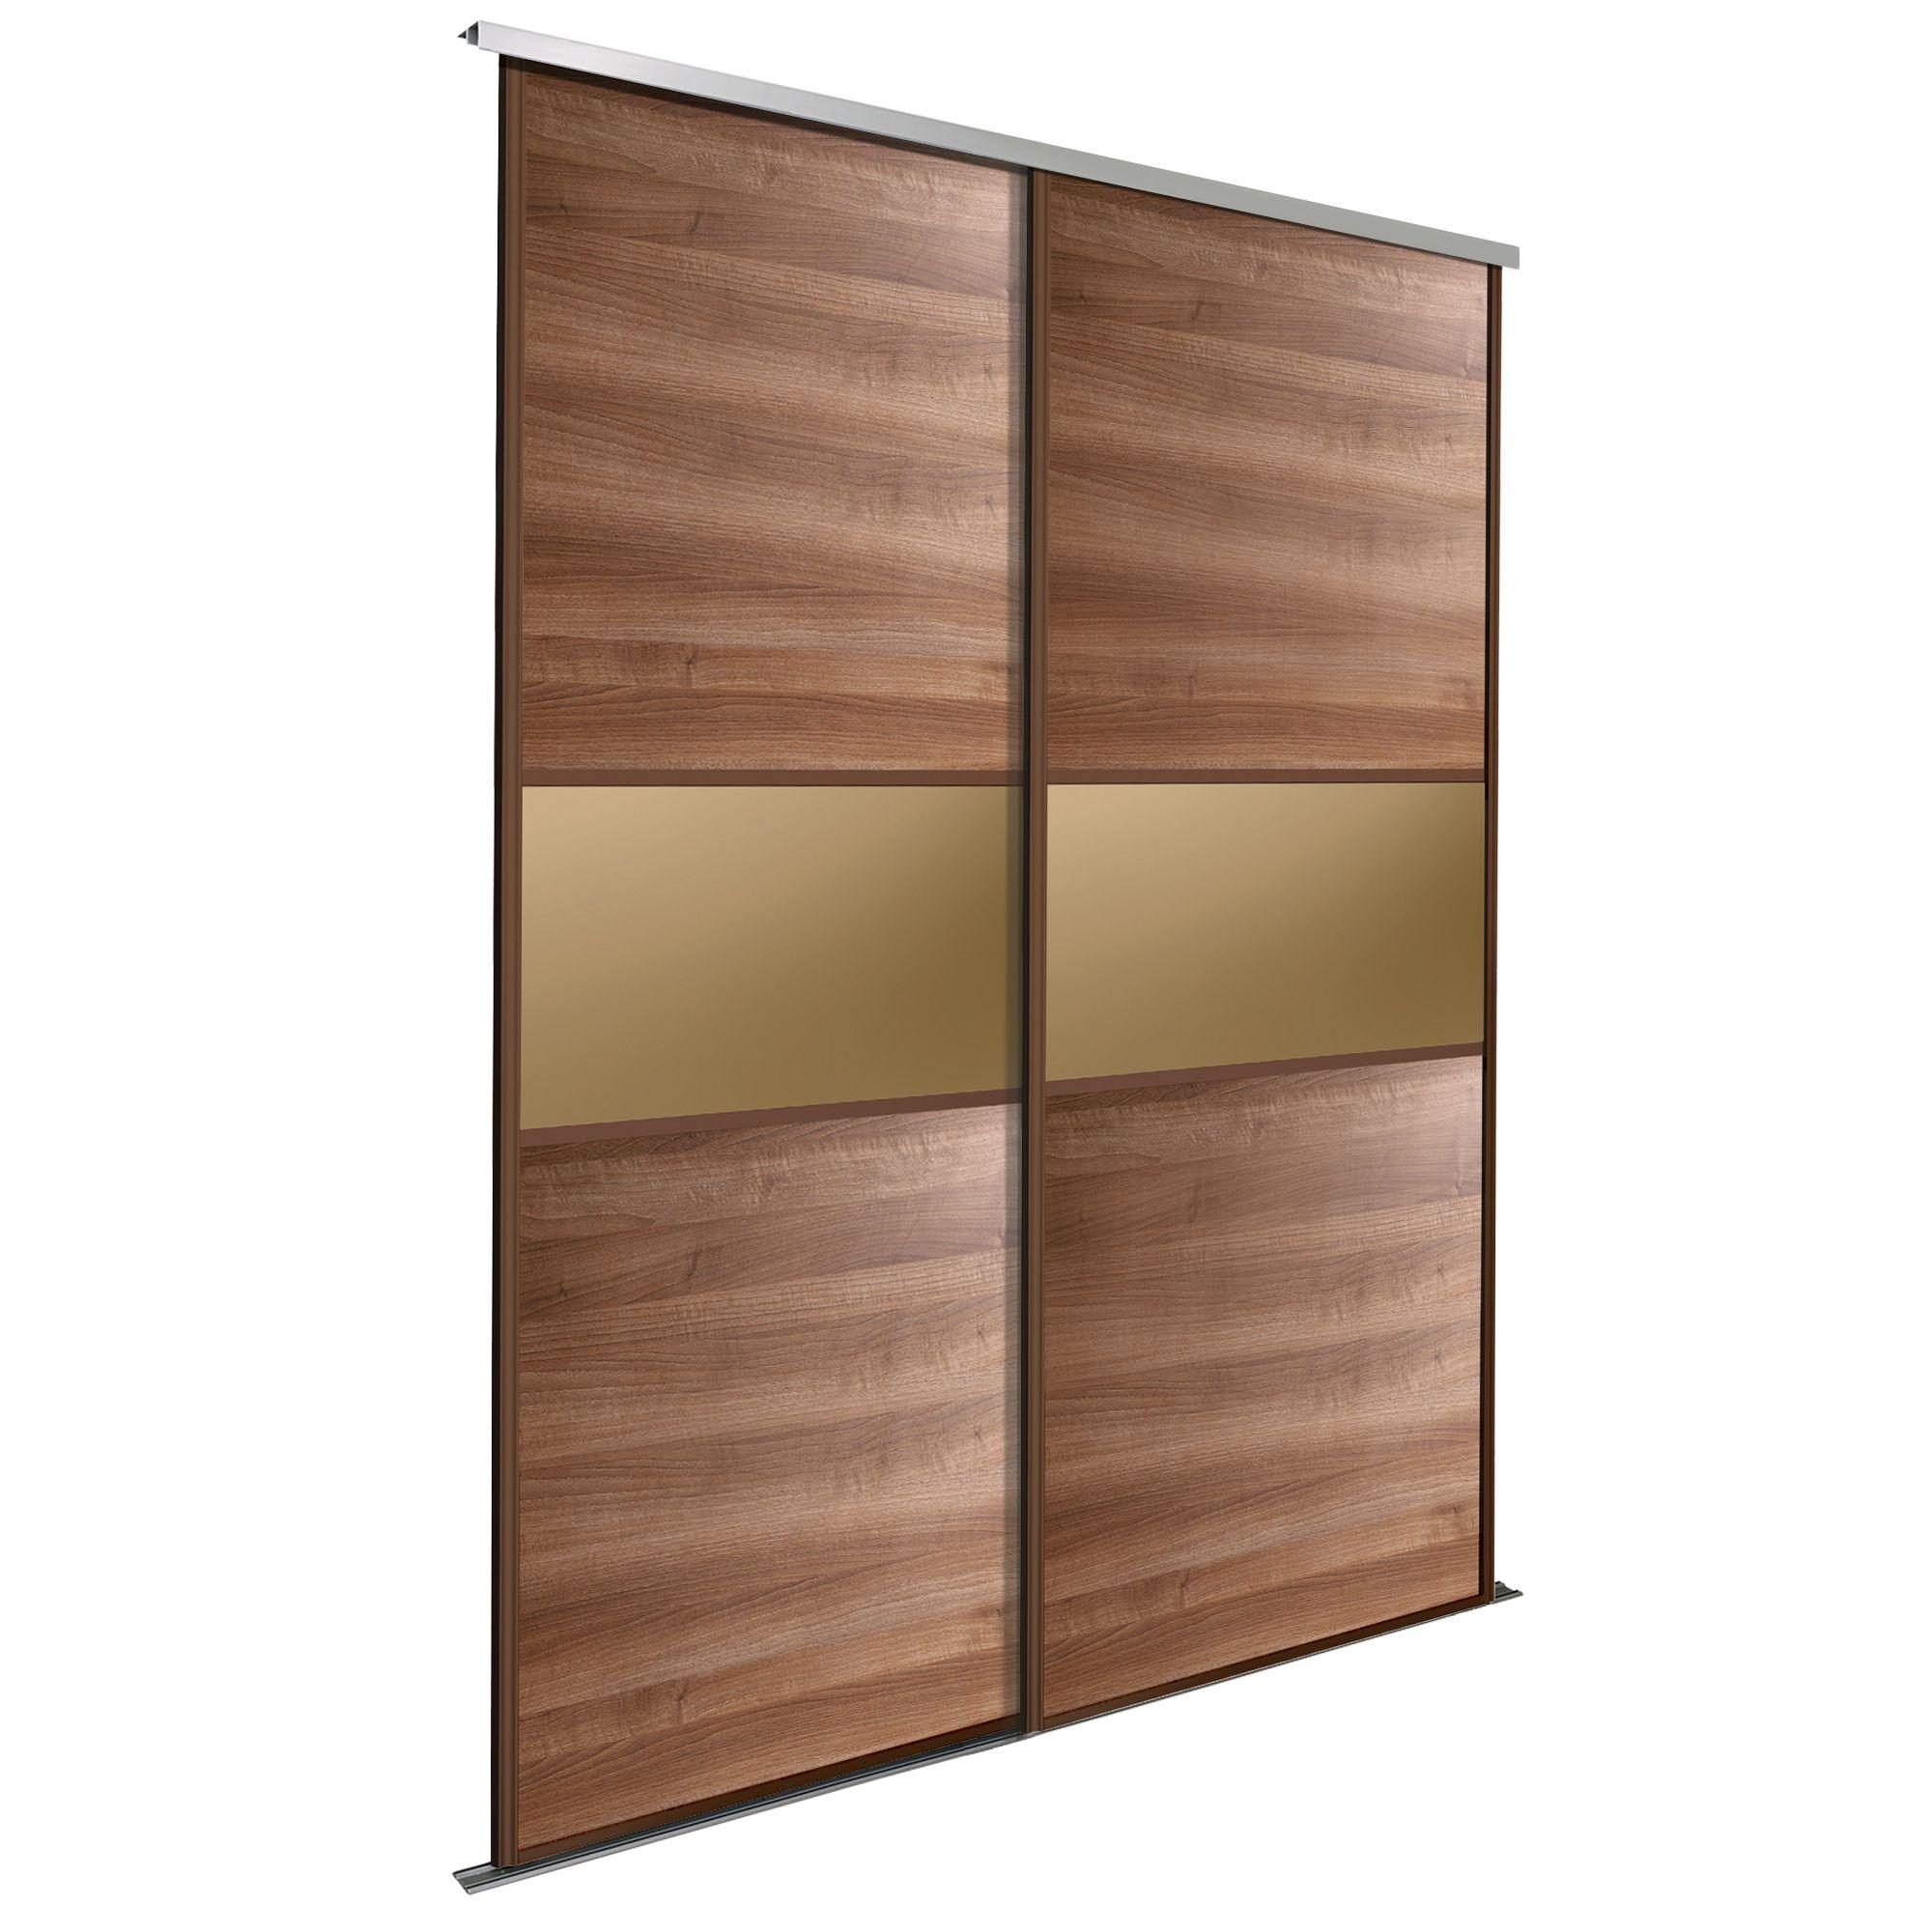 Fineline Fineline Bronze Walnut Effect Sliding Wardrobe Door Kit (H)2200 mm (W)762mm Pack of 2 | Departments | DIY at Bu0026Q  sc 1 st  Bu0026Q & Fineline Fineline Bronze Walnut Effect Sliding Wardrobe Door Kit (H ...